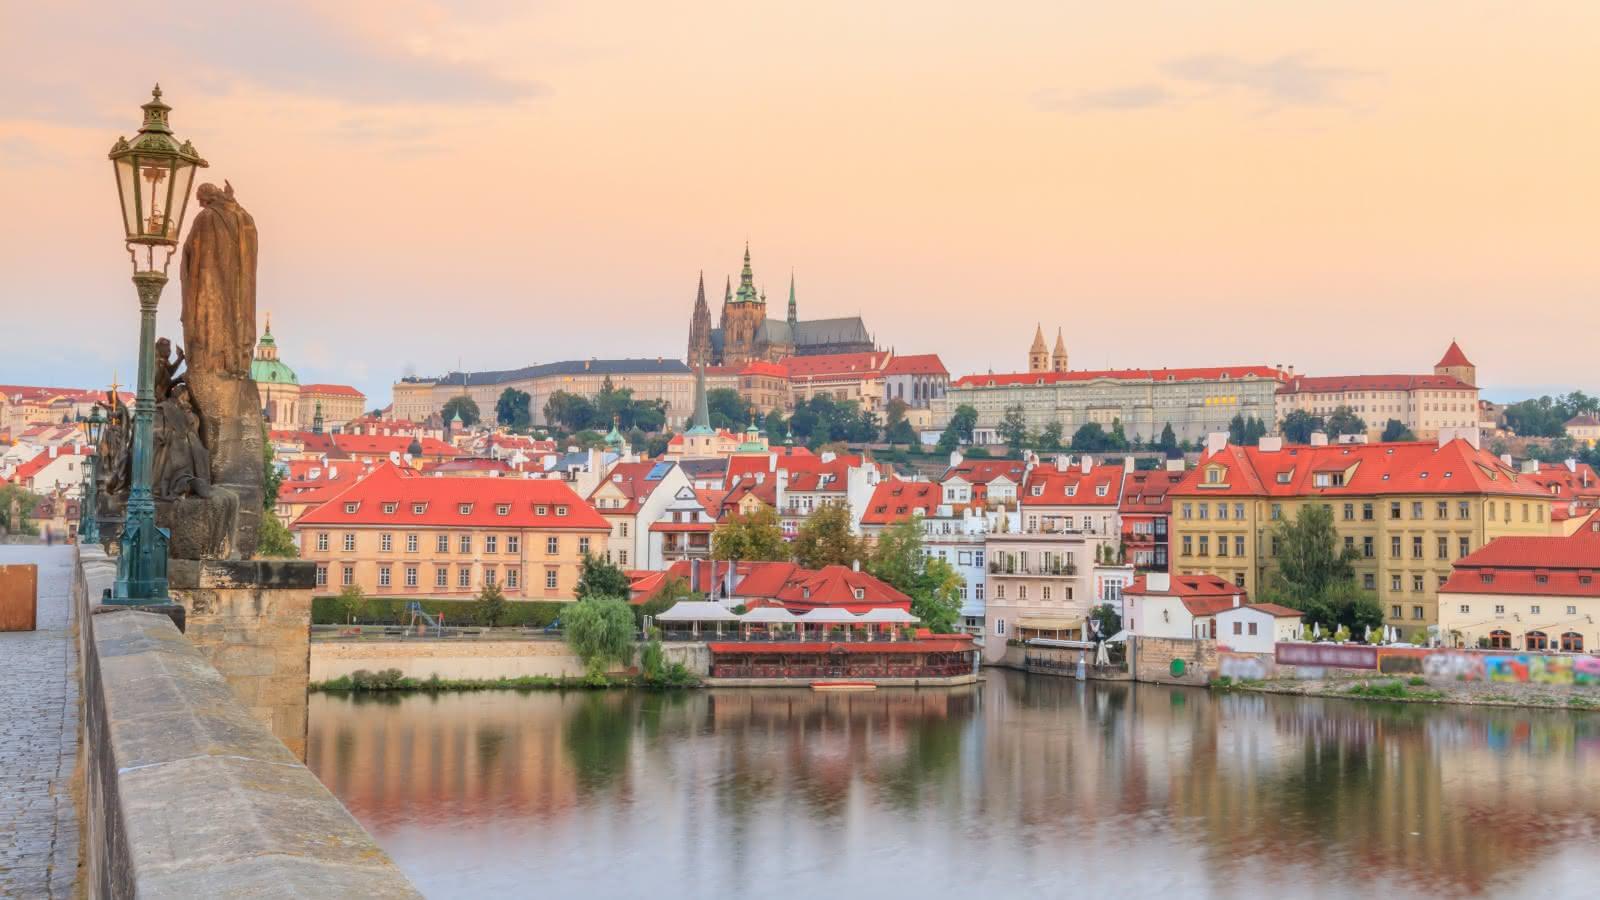 Praga je postala ena najbolj dinamičlnih evropskih prestolnic, Češka pa padcu komunizma zgodba